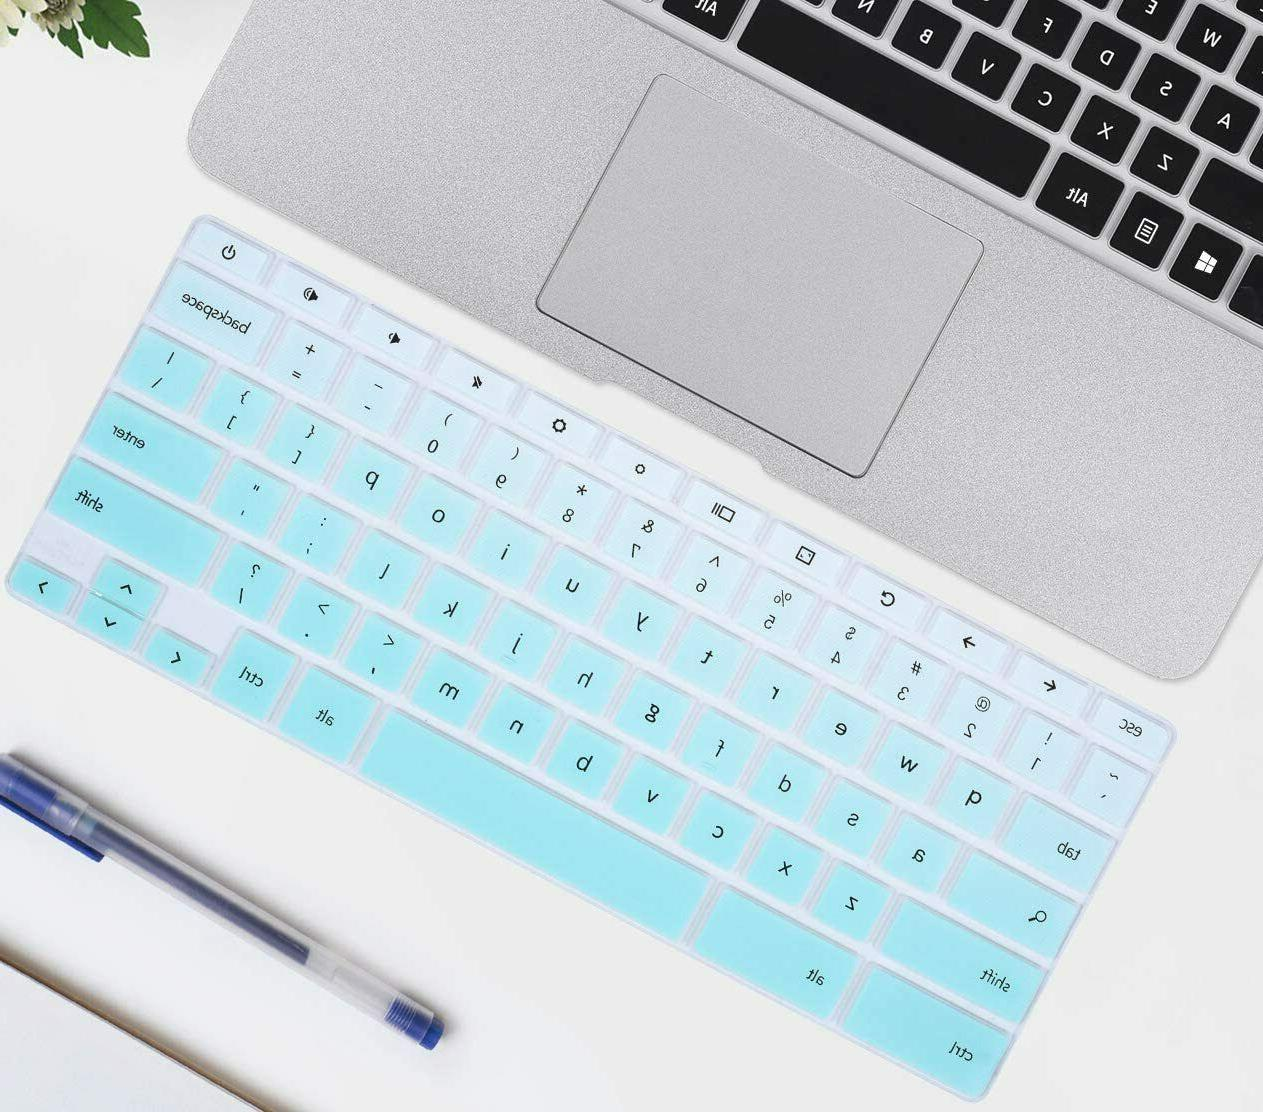 Keyboard with Chromebook EL1819